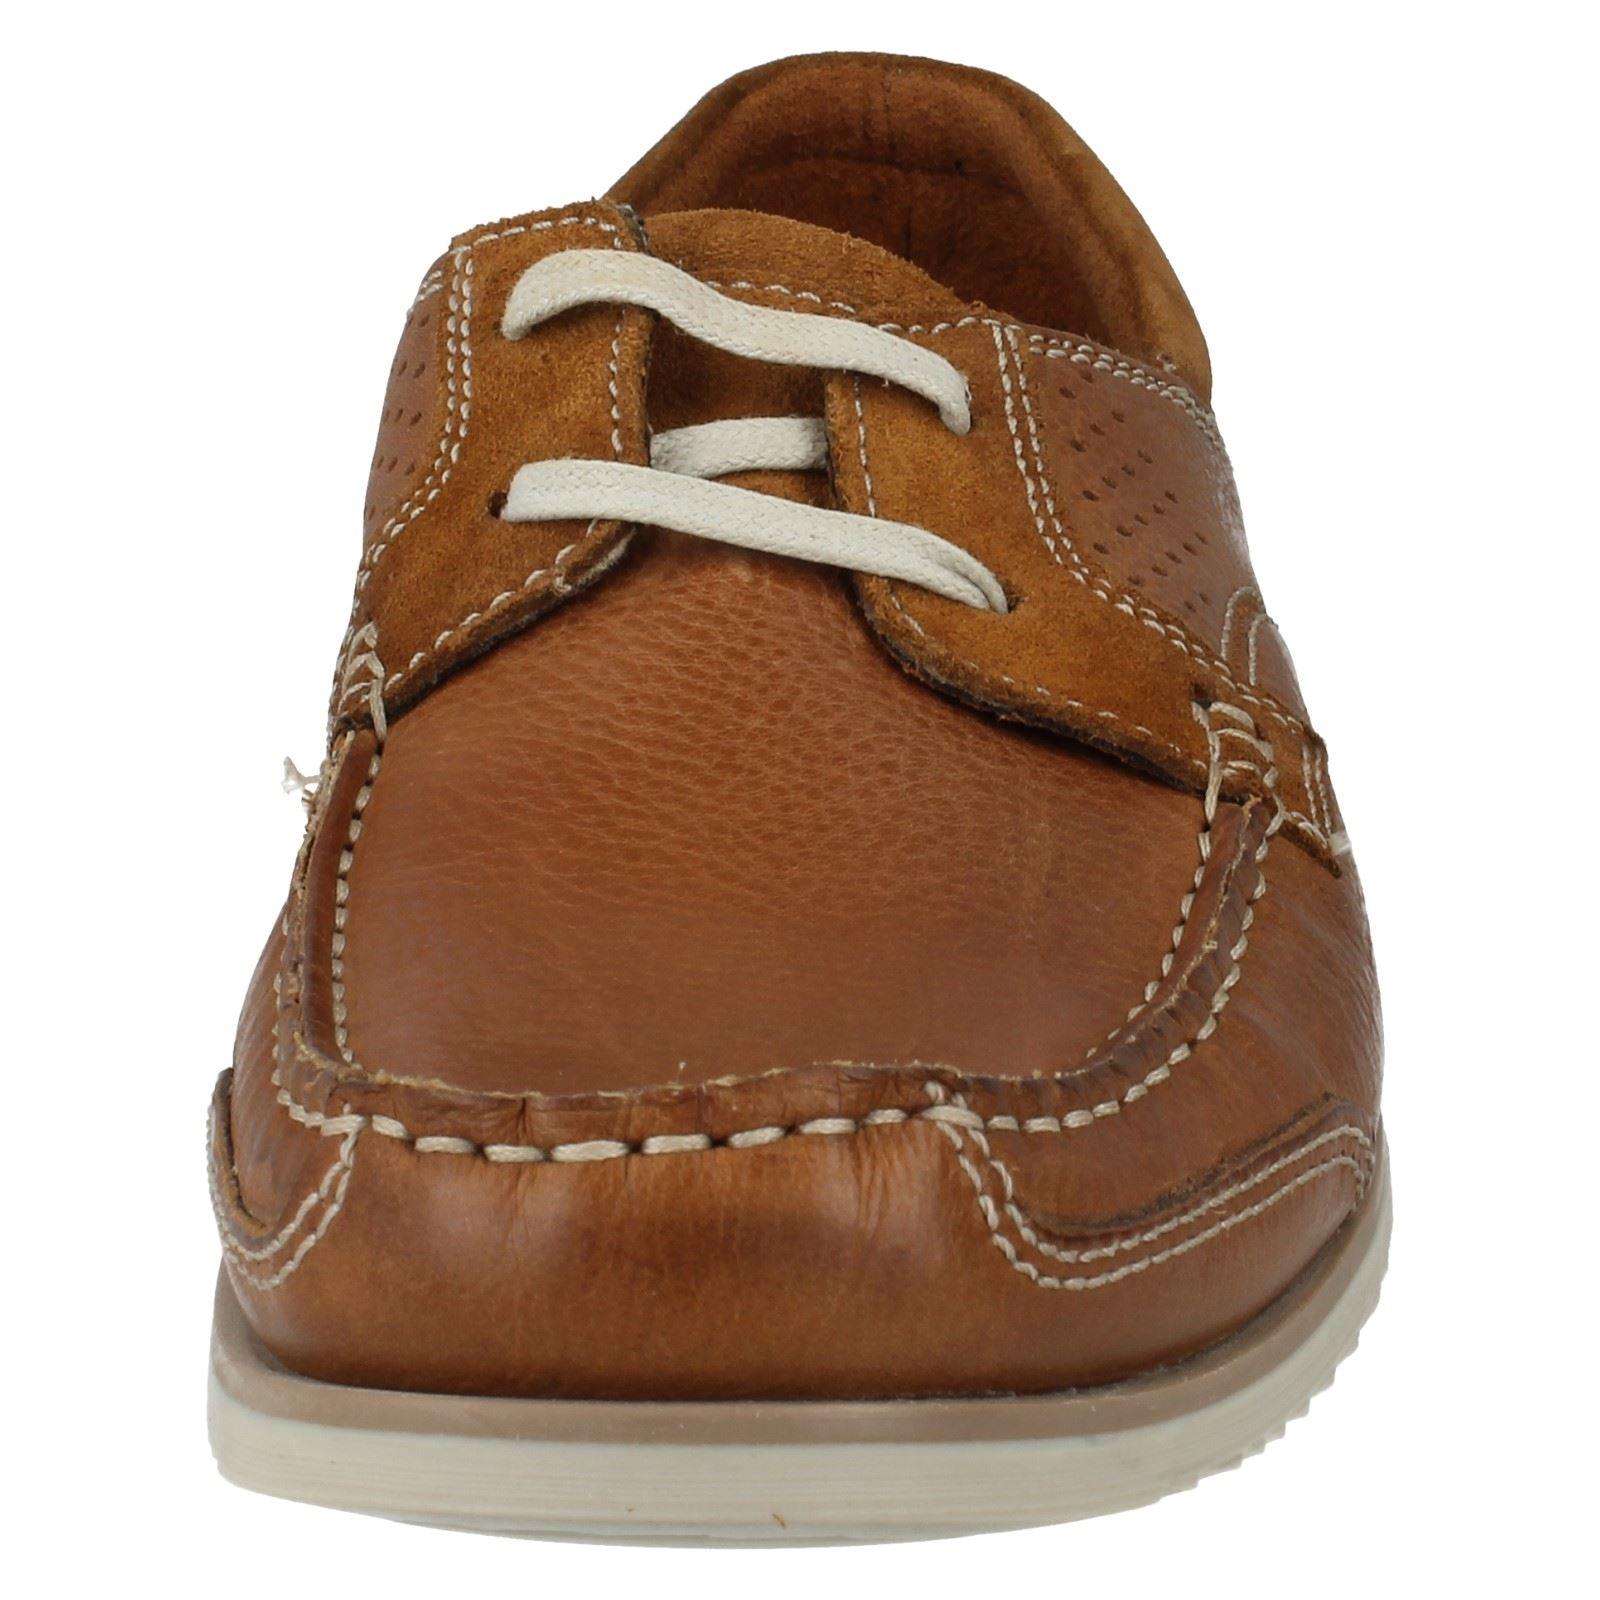 Uomo clarks scarpe stile barca modello kendrick vela w ebay for Accessori barca vela